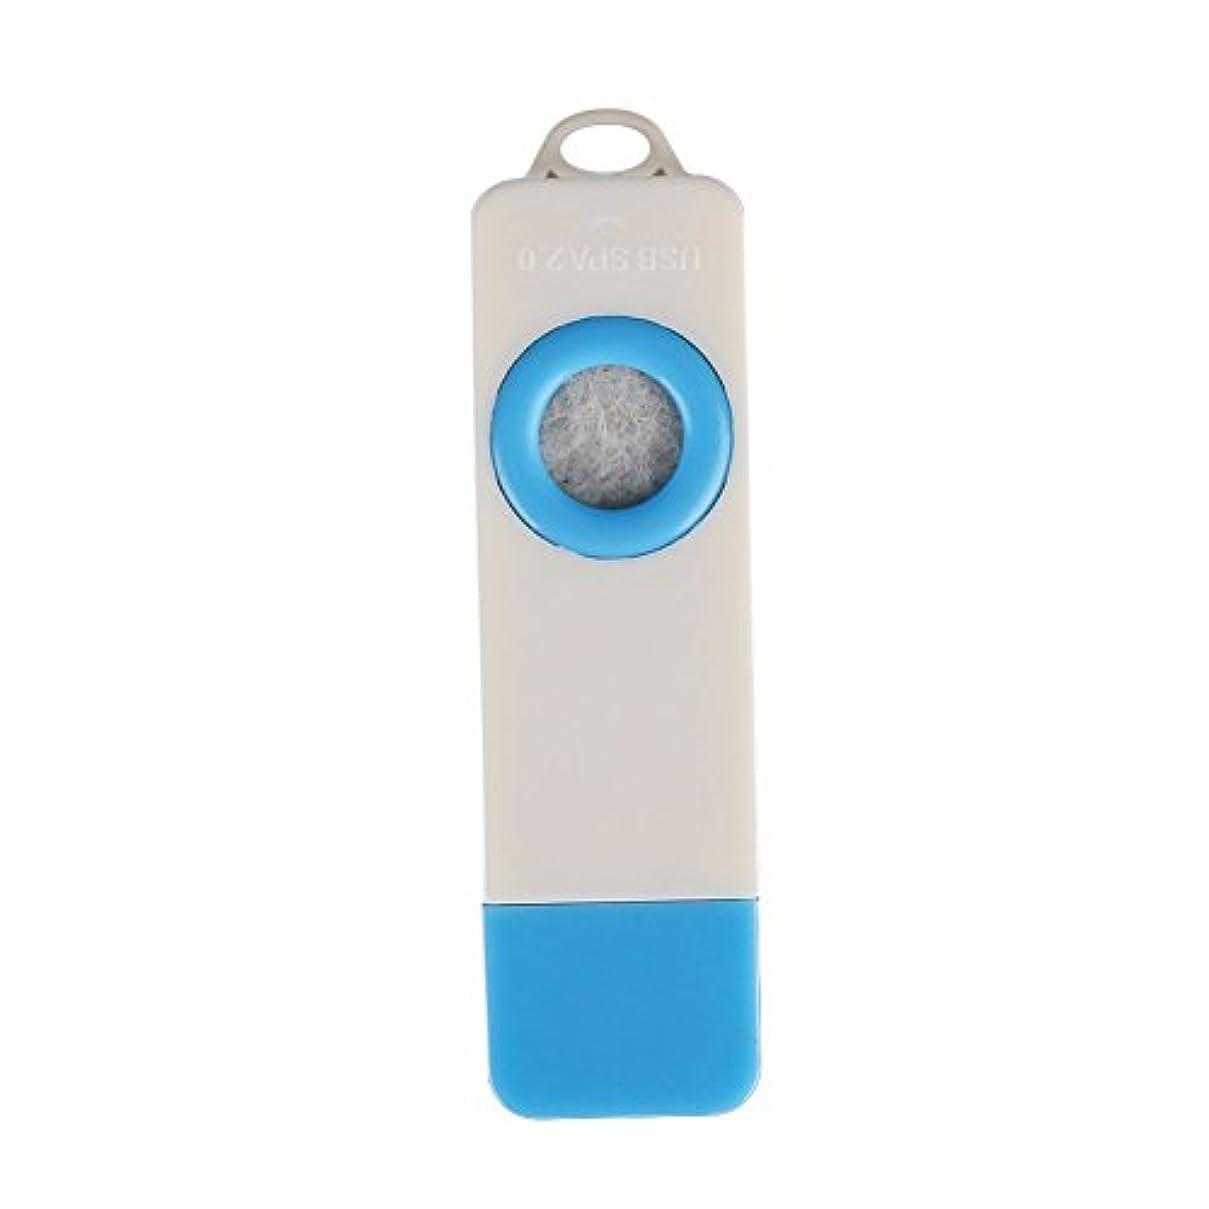 ミケランジェロ重量調子TOPmountain ファッションミニ USBアロマセラピーディフューザー ポータブル自動香 カーアクセサリーアクセサリー ホームアロマセラピー 健康アロマ オイル加湿器